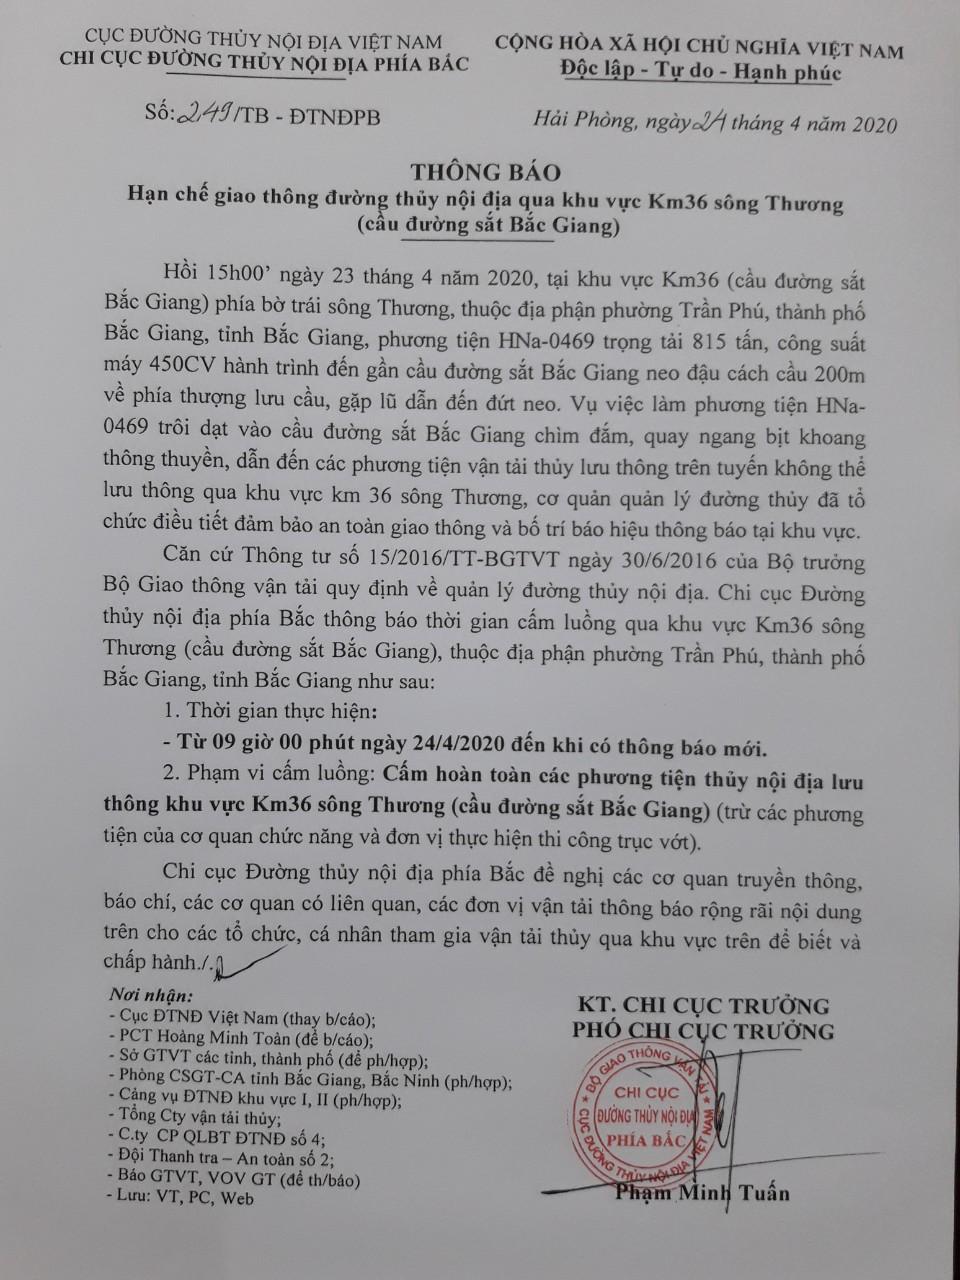 Thông báo HCGT ĐTNĐ qua khu vực Km36 sông Thương (cầu đường sắt Bắc Giang)